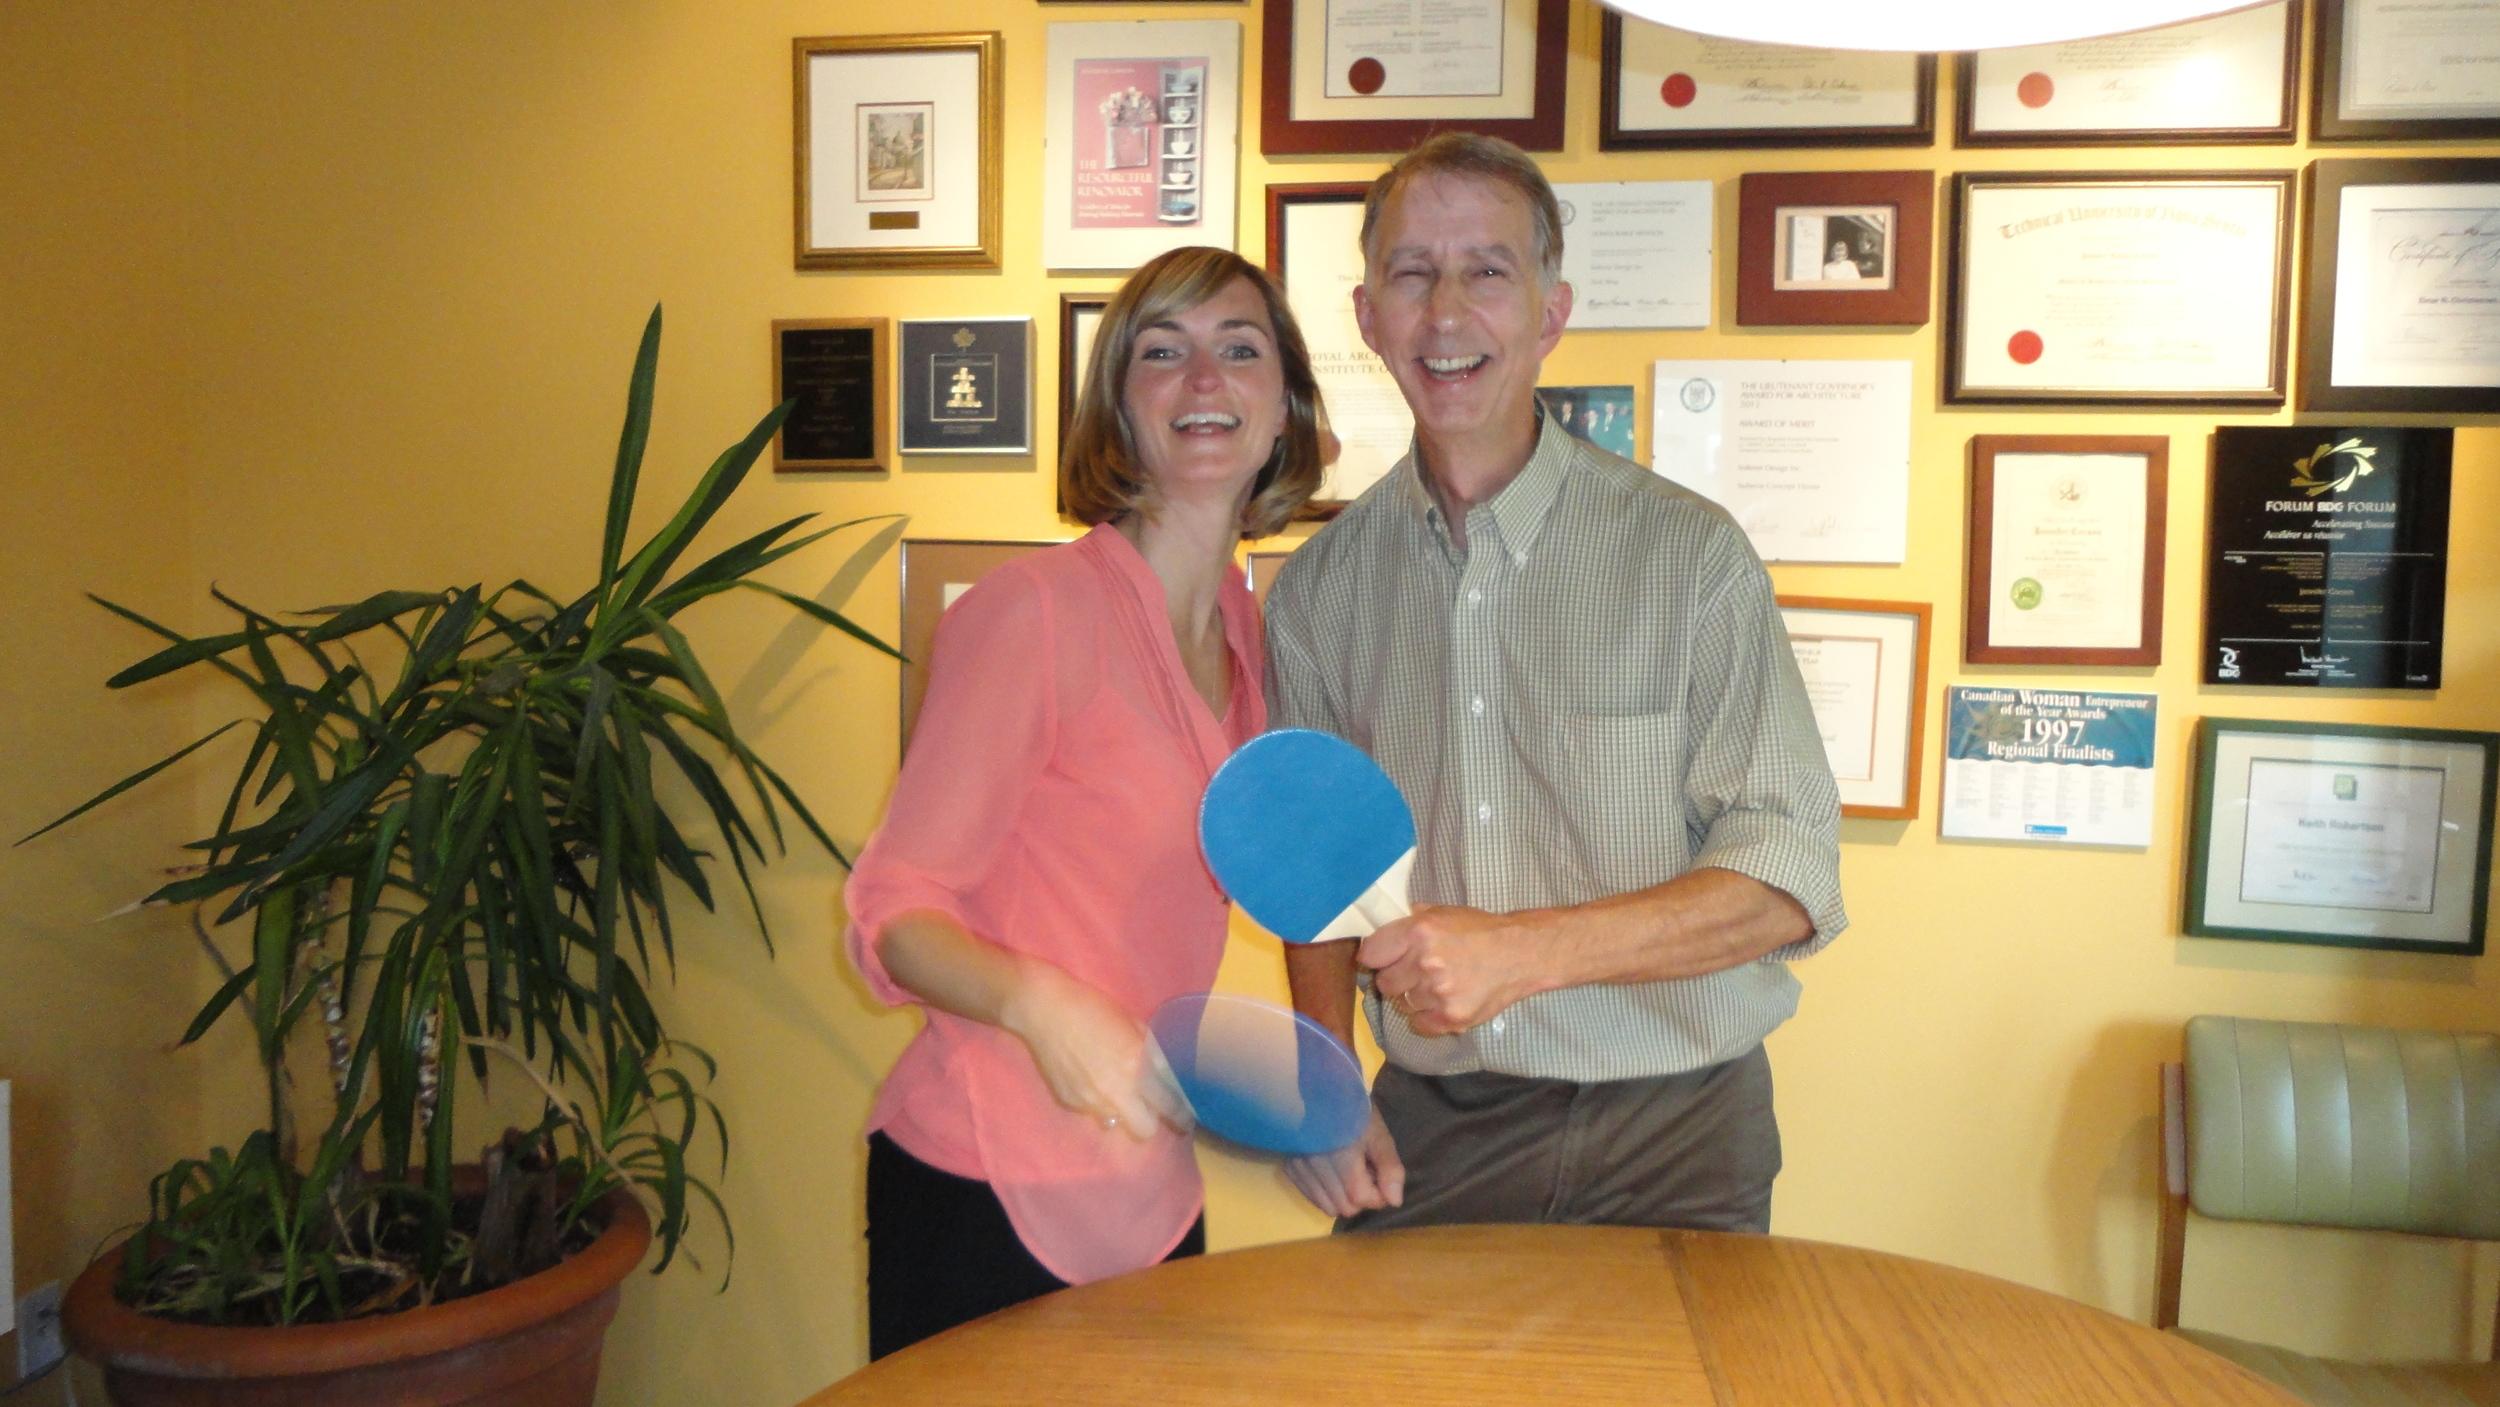 Tina Smith and Keith Robertson